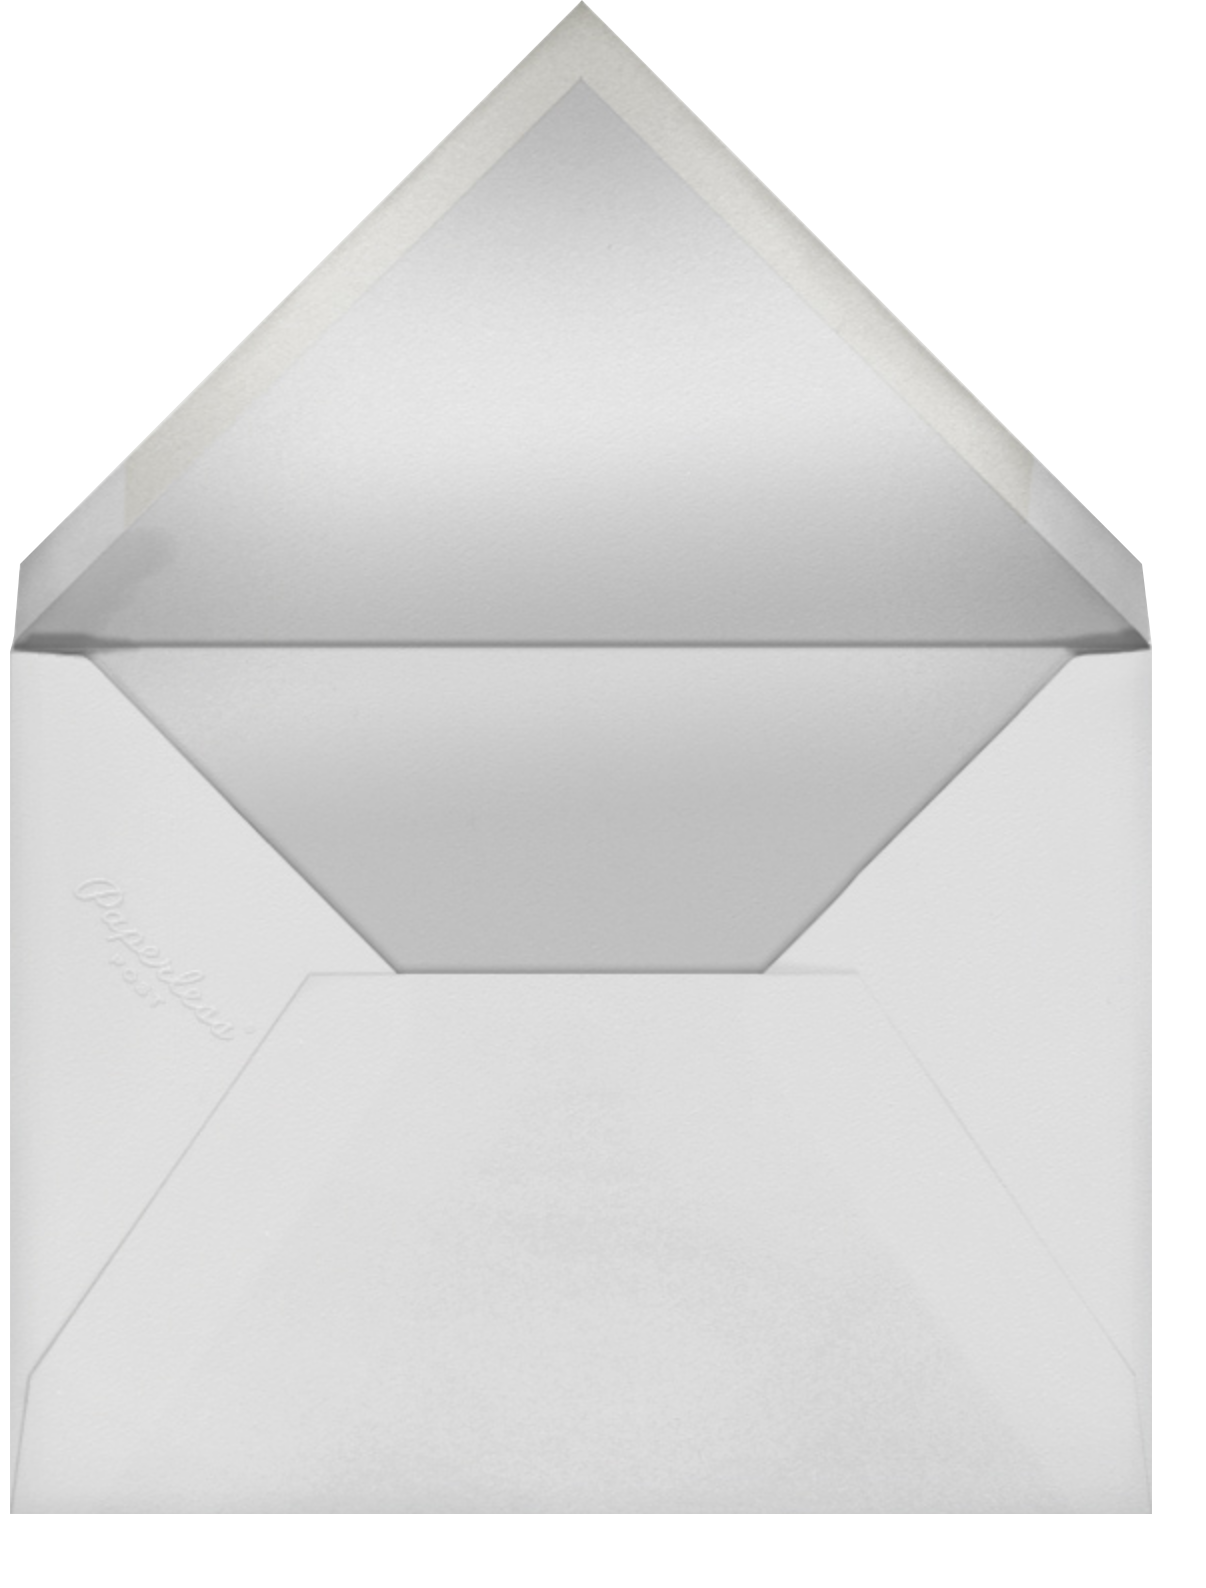 Josephine Baker (Program) - Black/Rose Gold - Paperless Post - Envelope